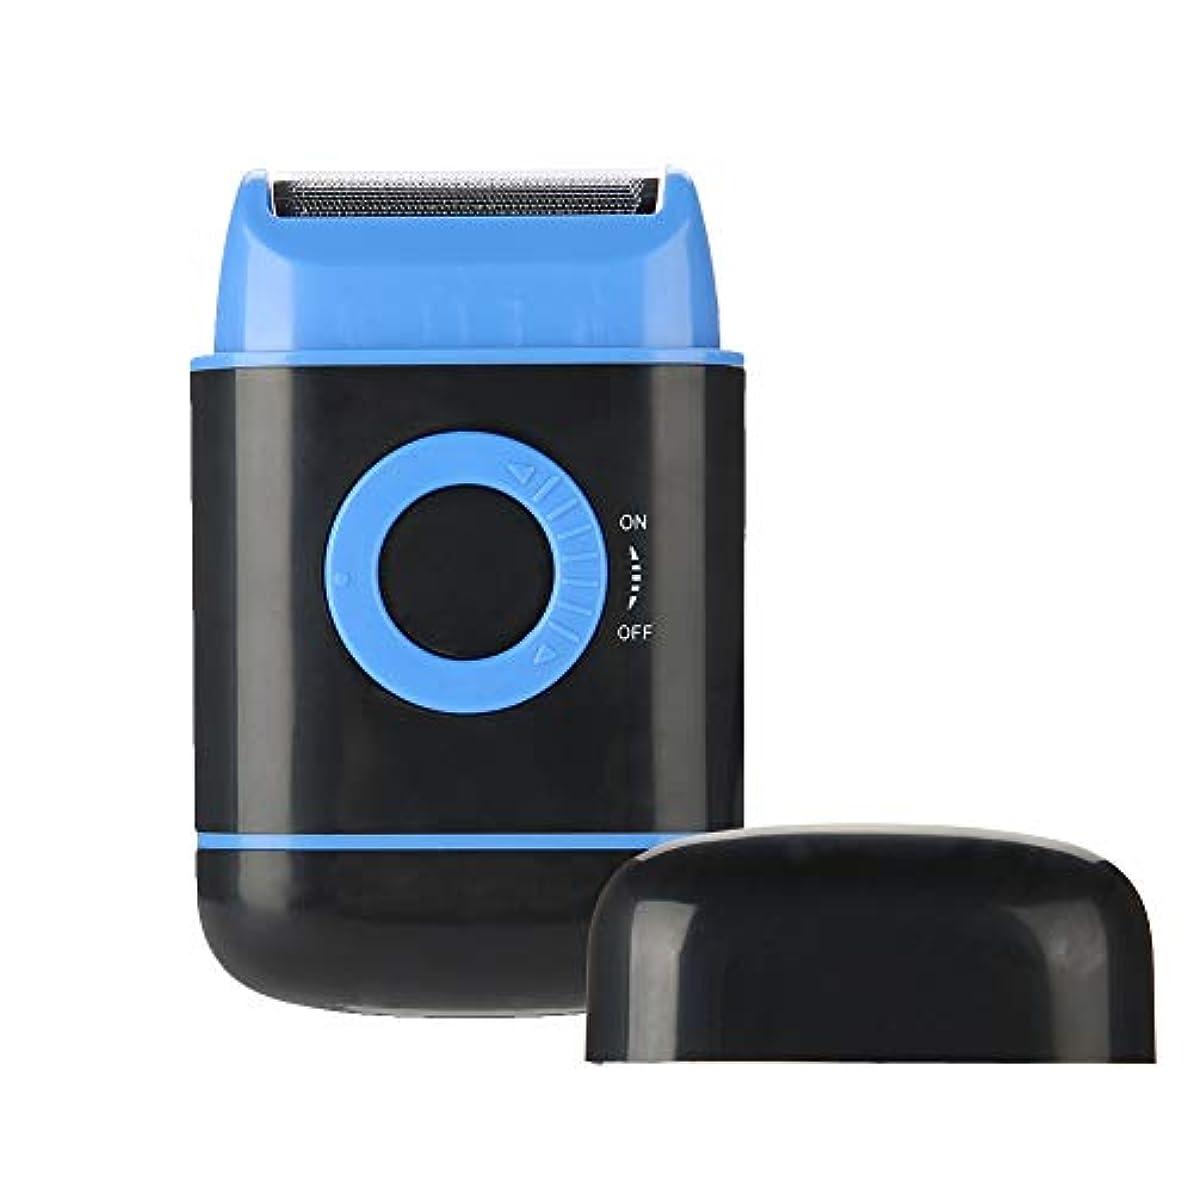 ダーツ傾く机電気シェーバー 剃刀 男性 超薄型箔ポップアップひげトリマー単3電池のパワーシェービングカミソリ (ブルー)